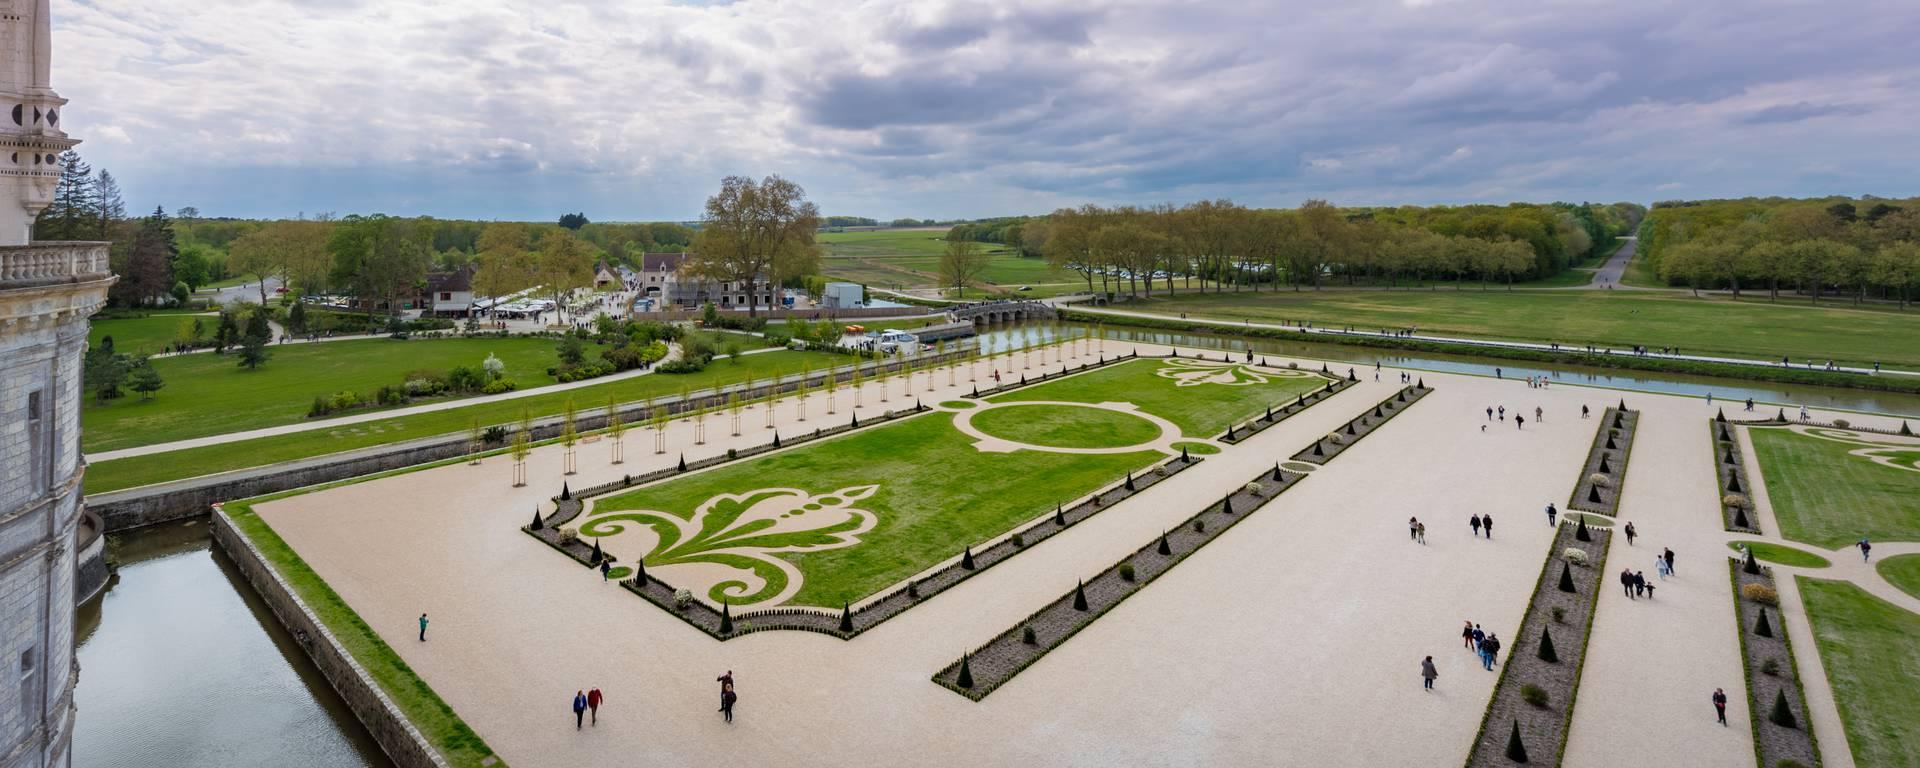 Les jardins de Chambord vus du ciel